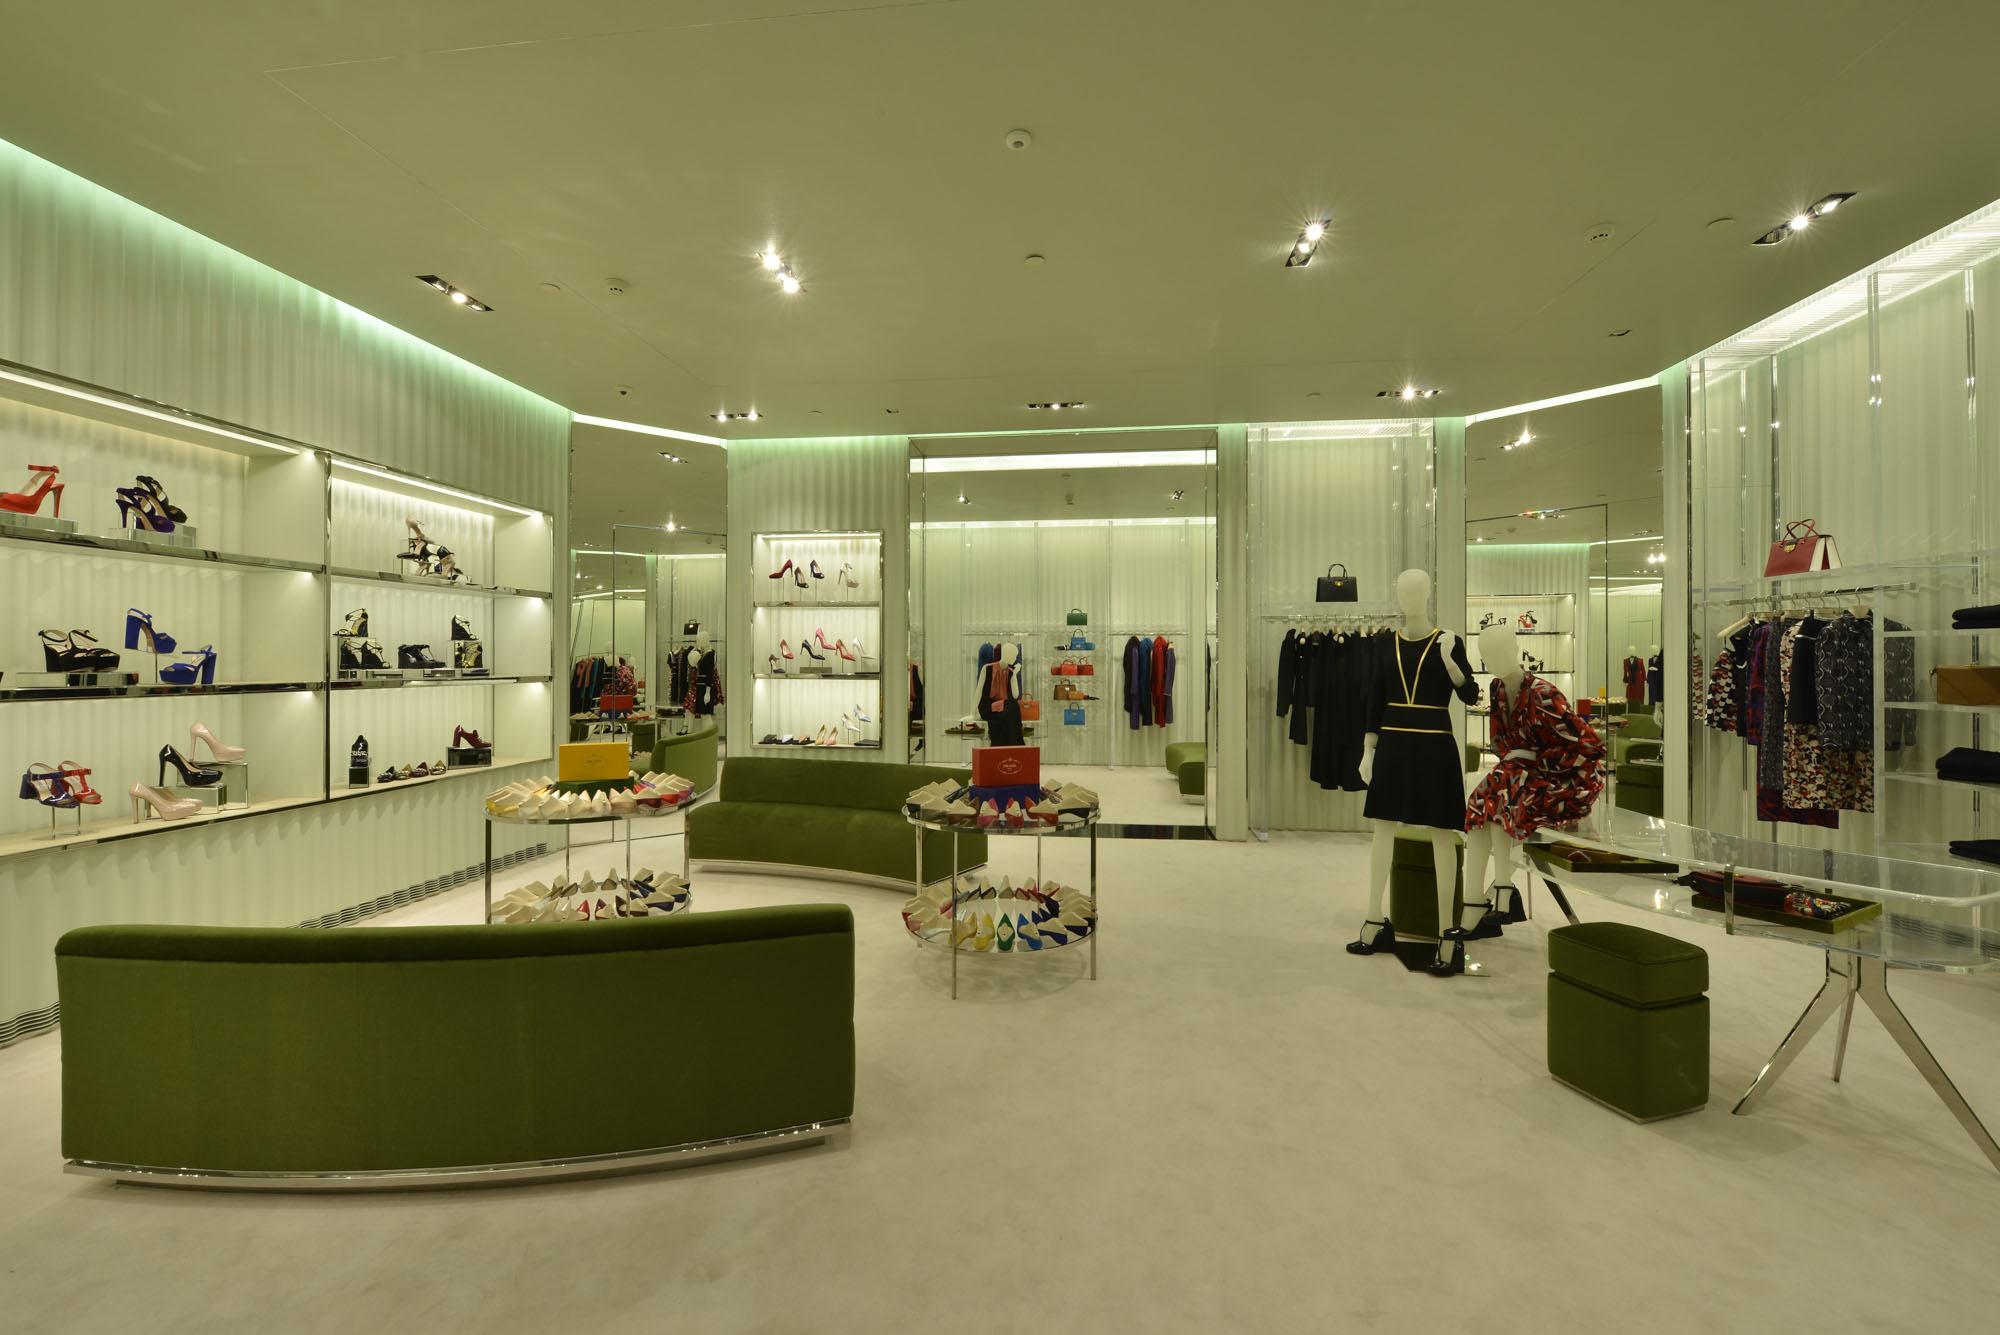 f2c71af18 Galeria de Fotos Por dentro da nova loja da Prada no shopping Cidade Jardim  em SP // Foto 4 // Notícias // FFW